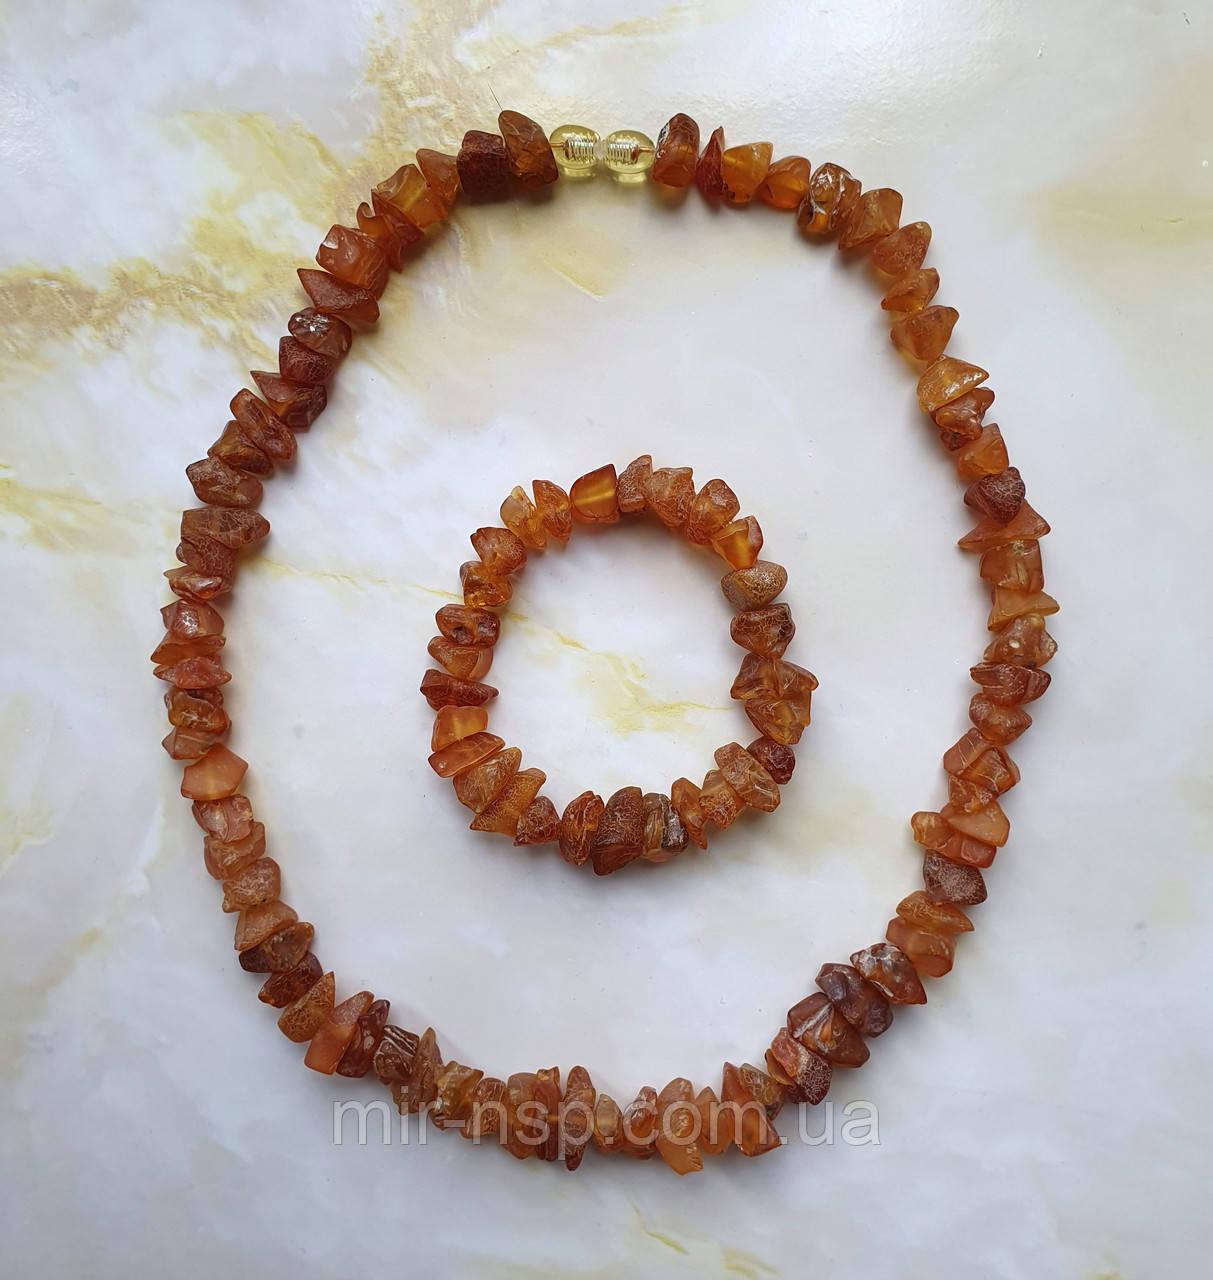 Намисто і браслет натуральний необроблений бурштин (не прес, не плавка) вага 41р